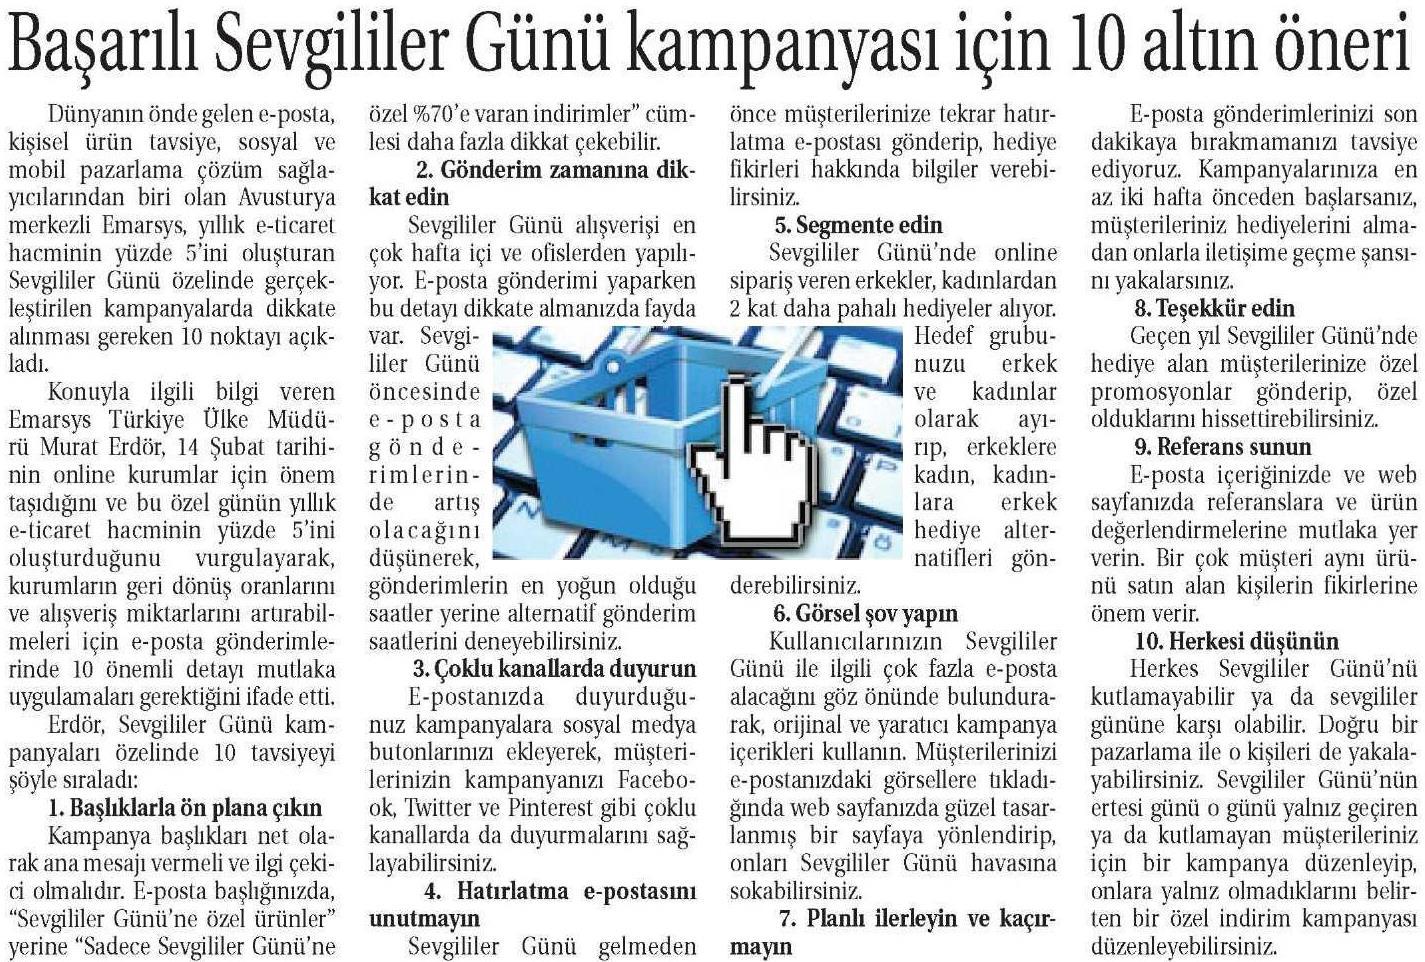 63 - İzmir Ticaret Gazetesi_muraterdor.com_Şubat 2015